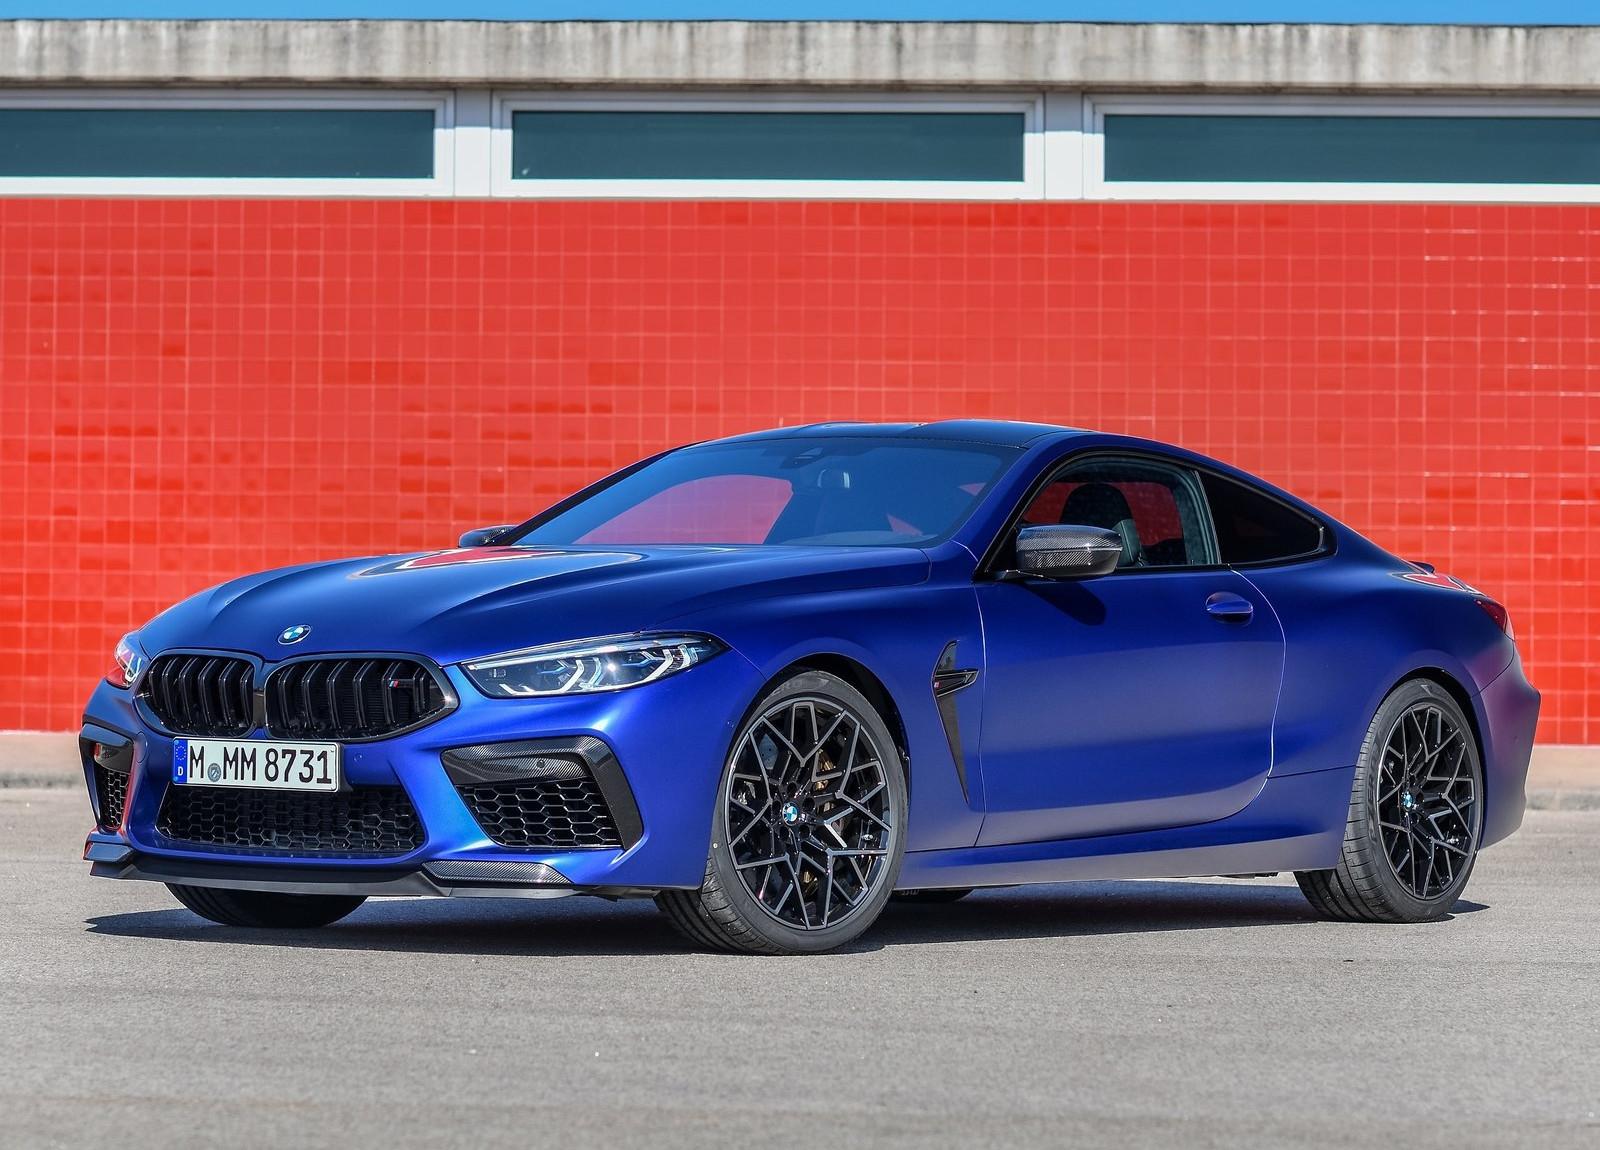 Cele mai rapide BMW-uri pe care le poti cumpara acum. Plus cat costa fiecare in Romania - Cele mai rapide BMW-uri pe care le poti cumpara acum. Plus cat costa fiecare in Romania